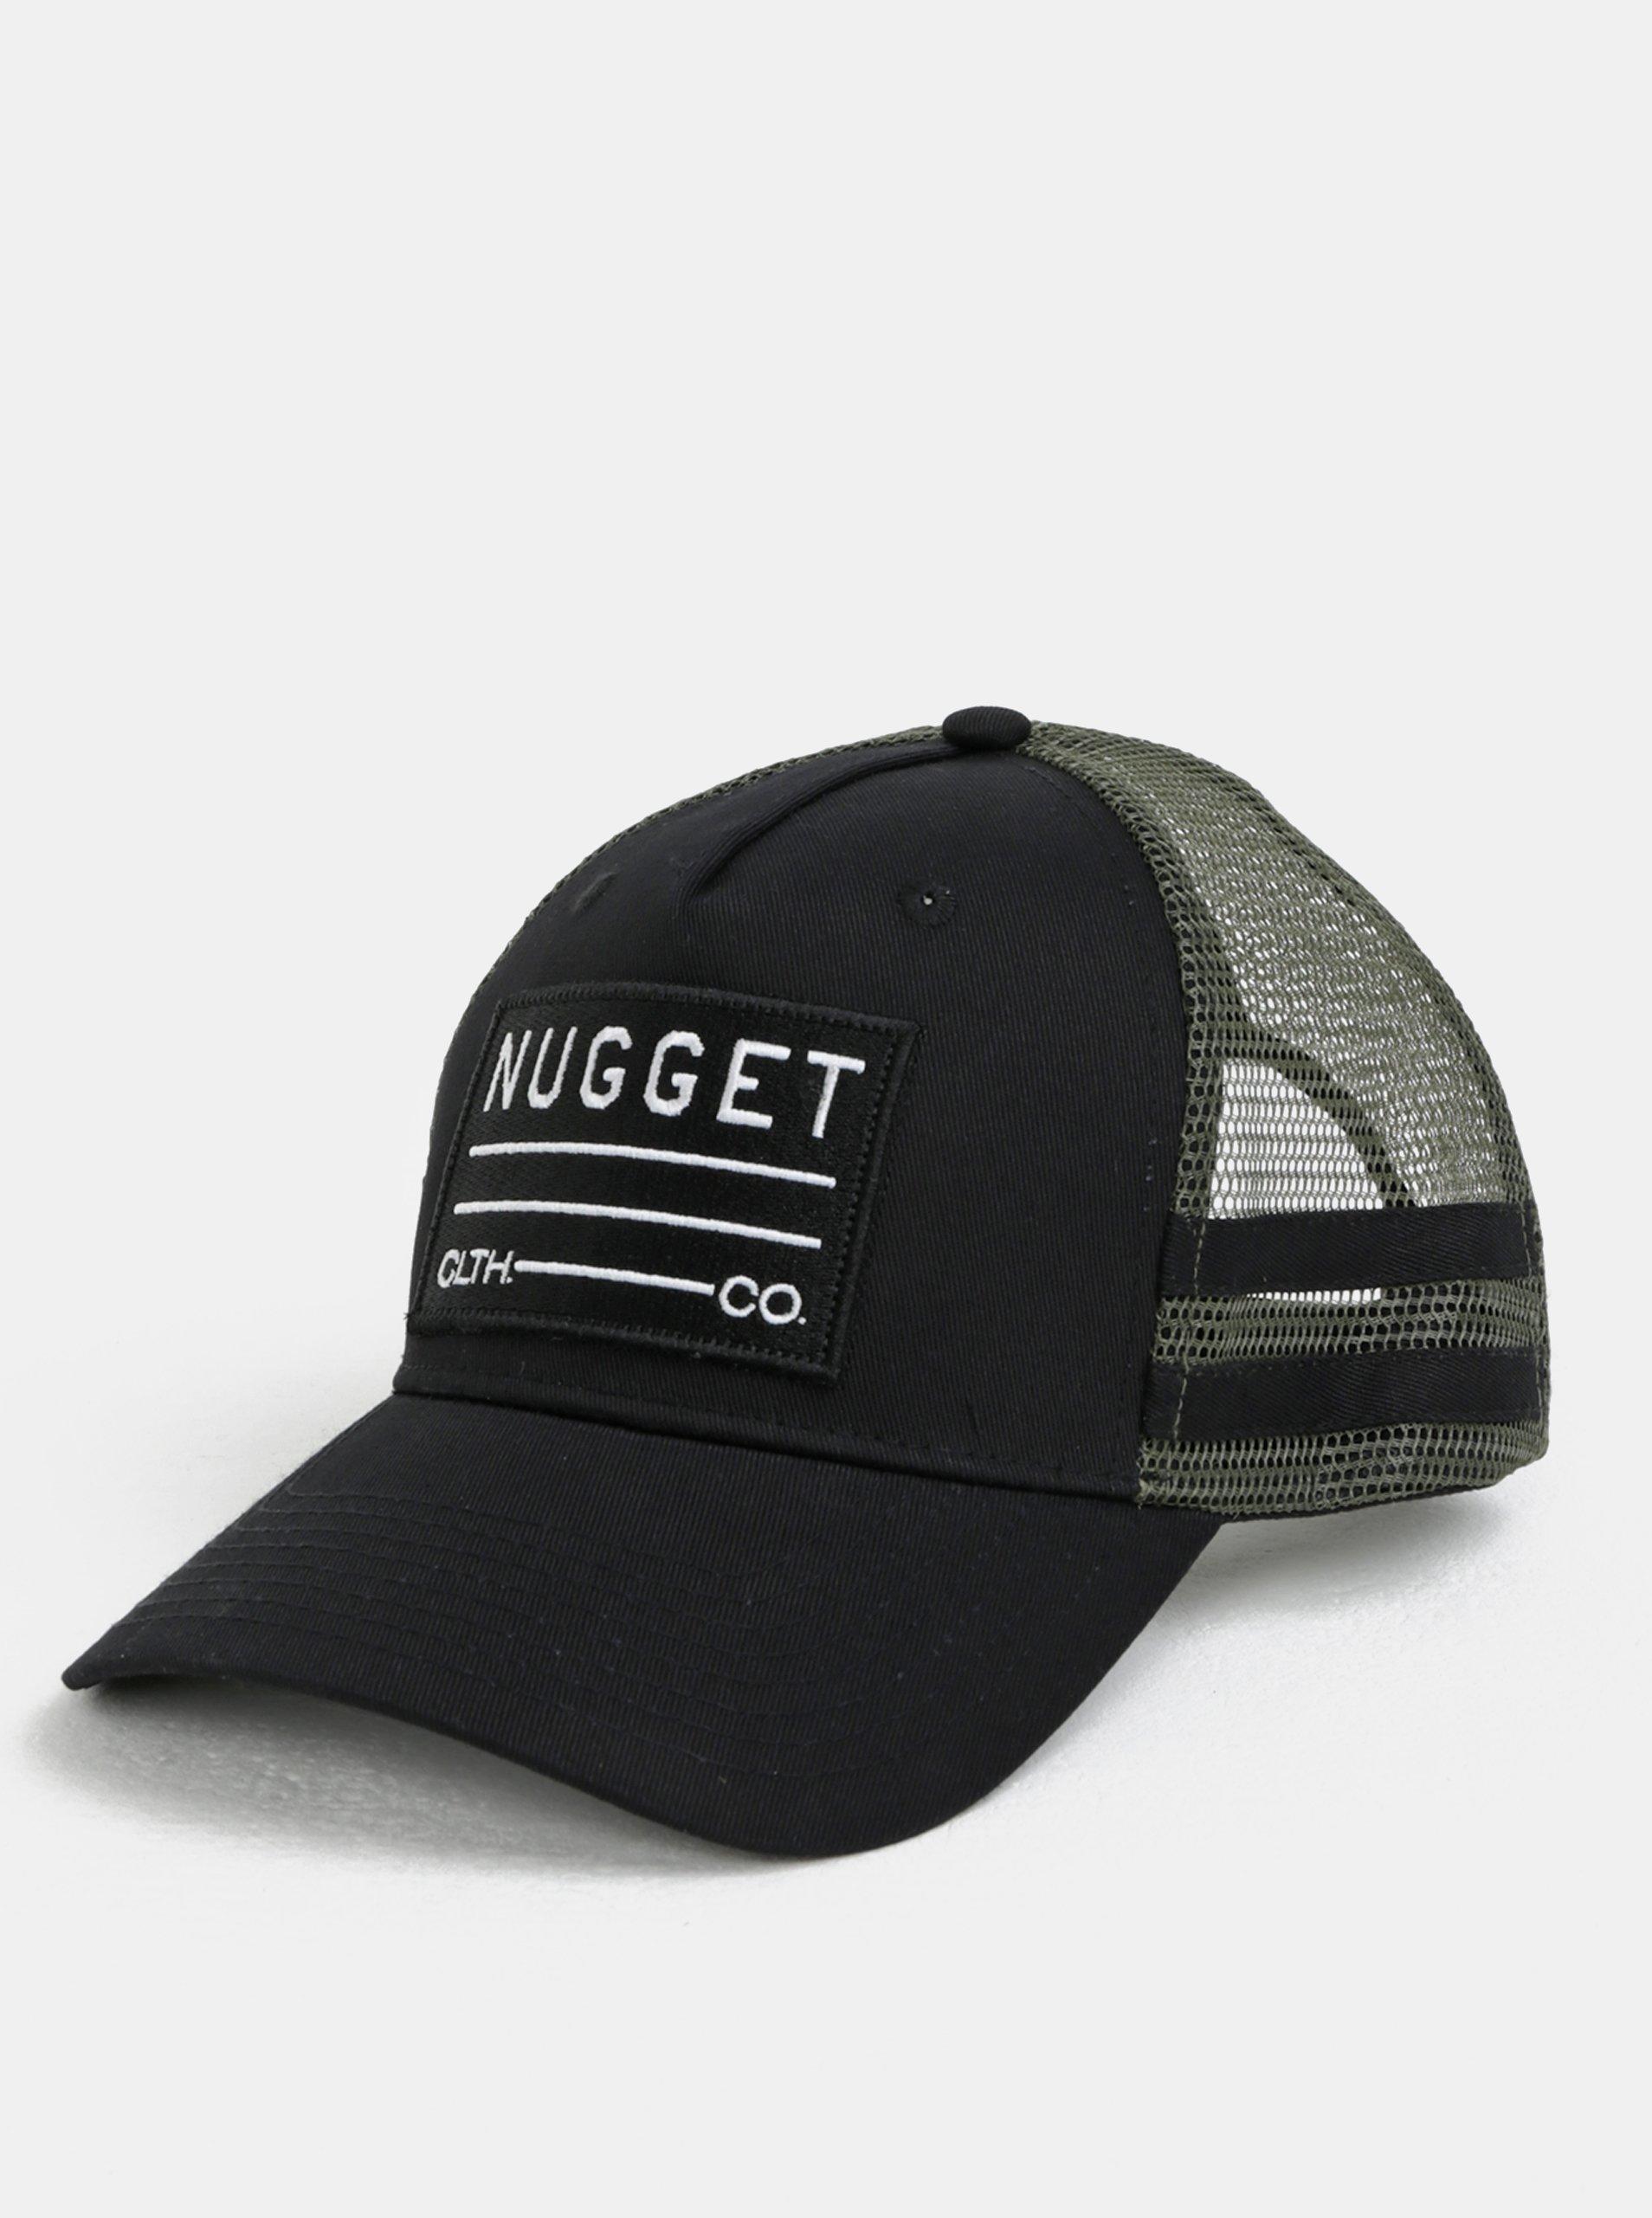 44ed5078a57 Černá pánská kšiltovka NUGGET Slope